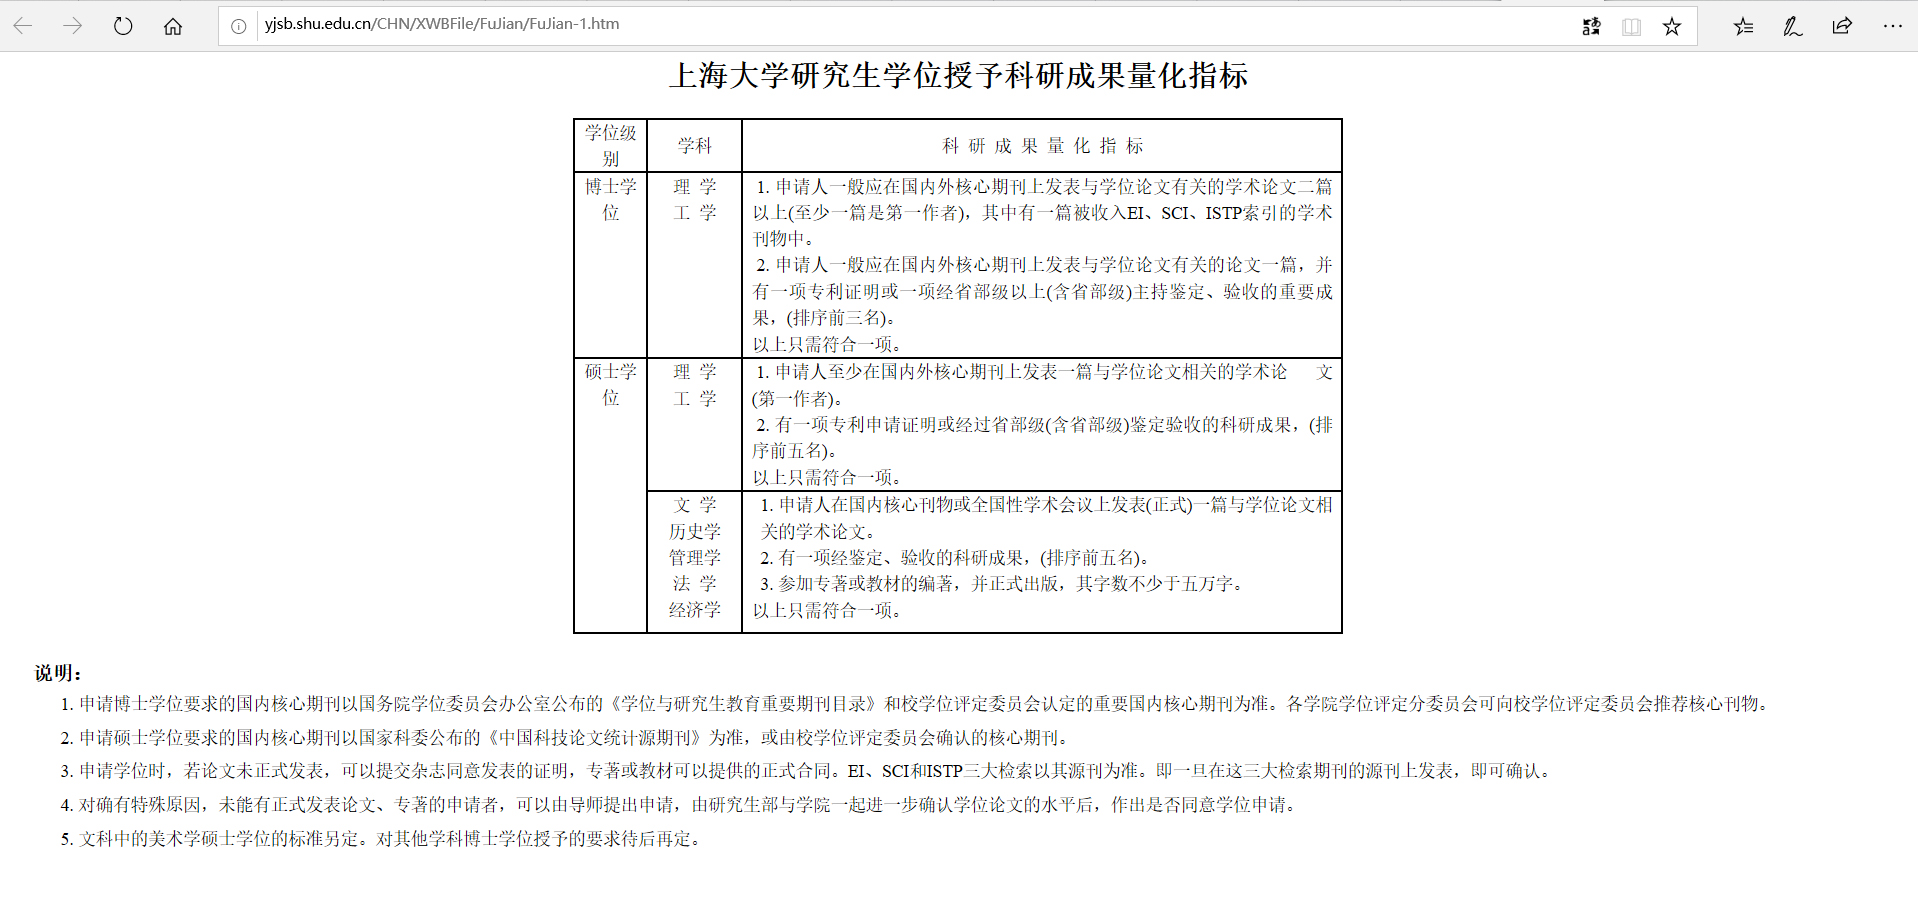 发2篇论文申请博士学位遭拒 博士生起诉母校|母校|博士学位